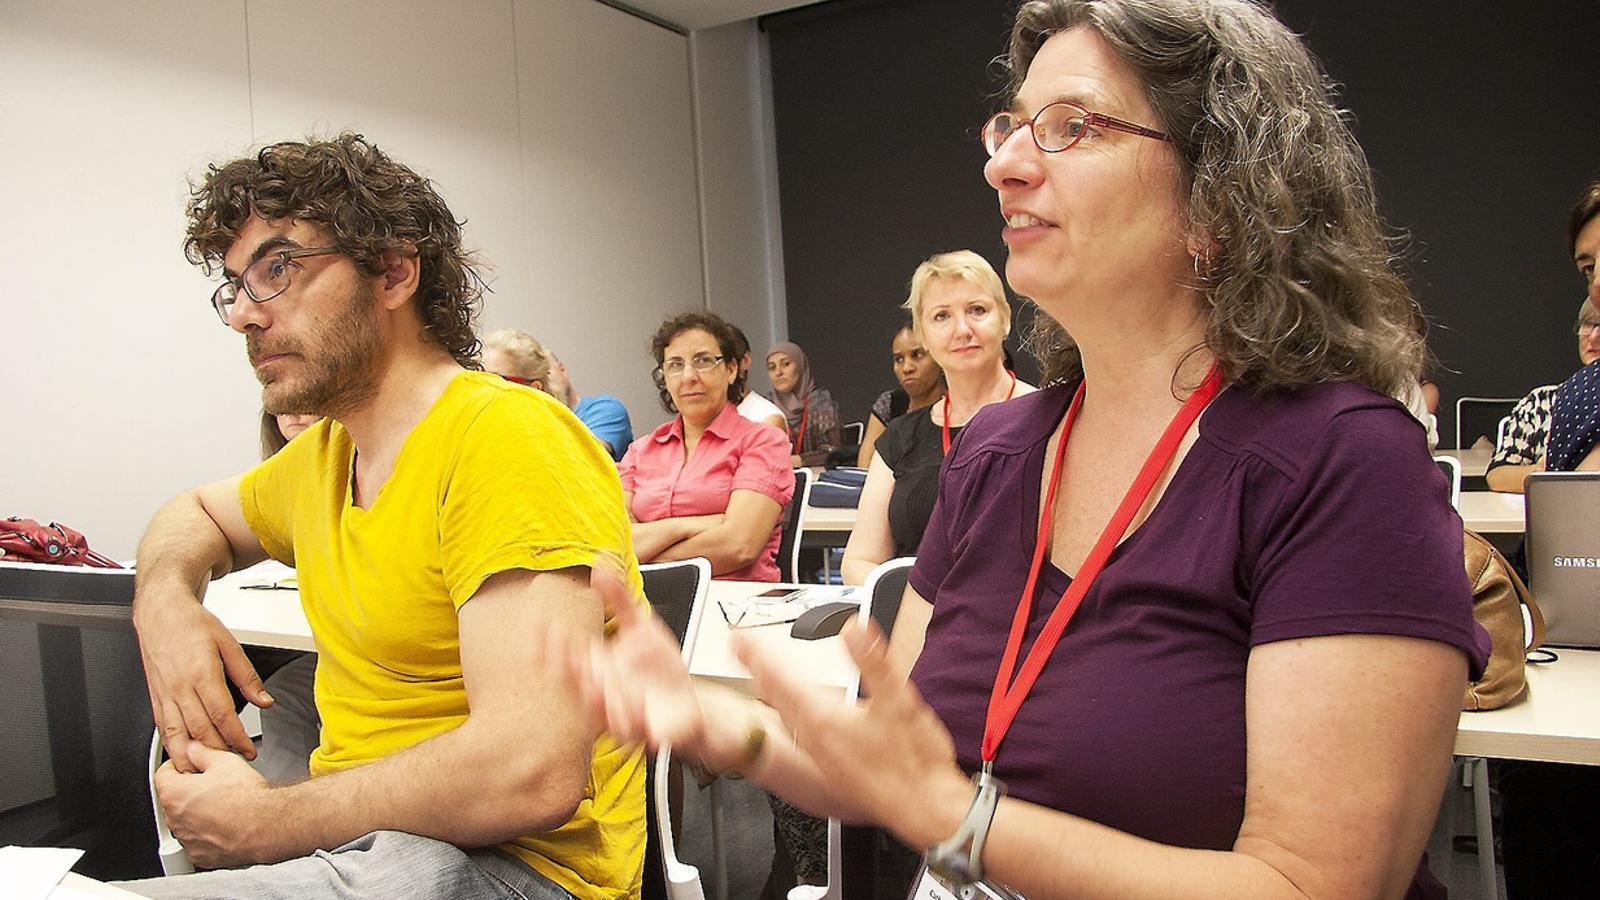 VI CONGRÉS INTERNACIONAL   Els treballs del congrés pretenen donar llum sobre l'obscuritat que envolta com han perjudicat les retallades en salut.